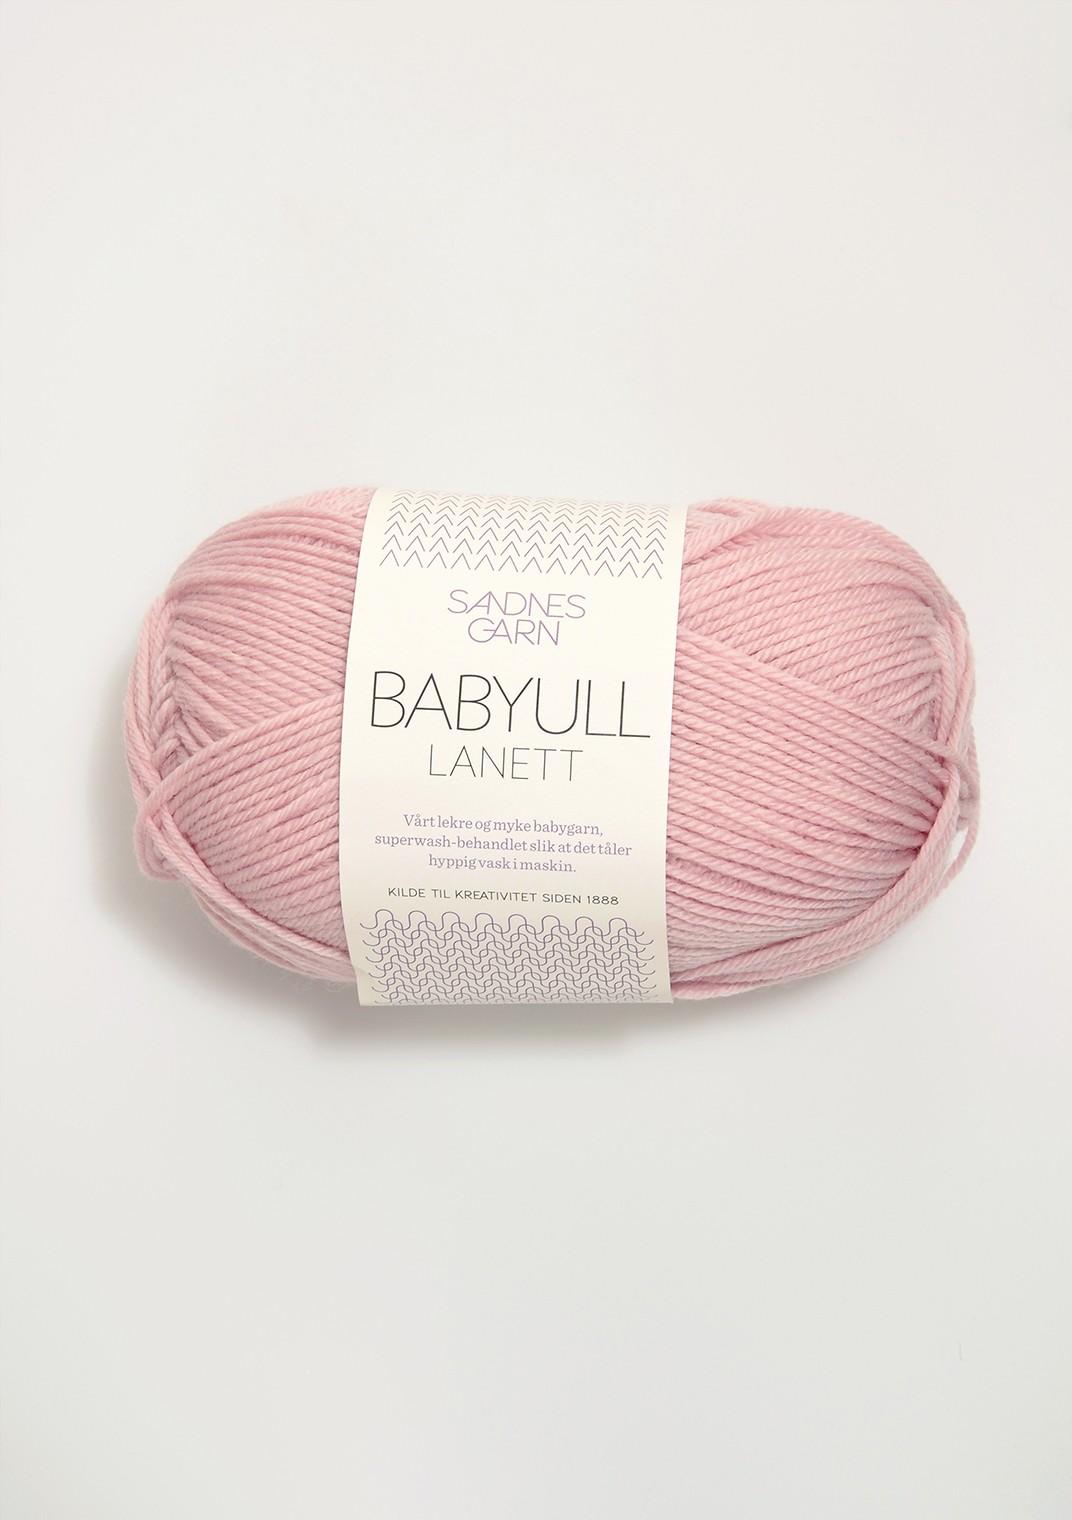 babyull lanett 4312 puder rosa